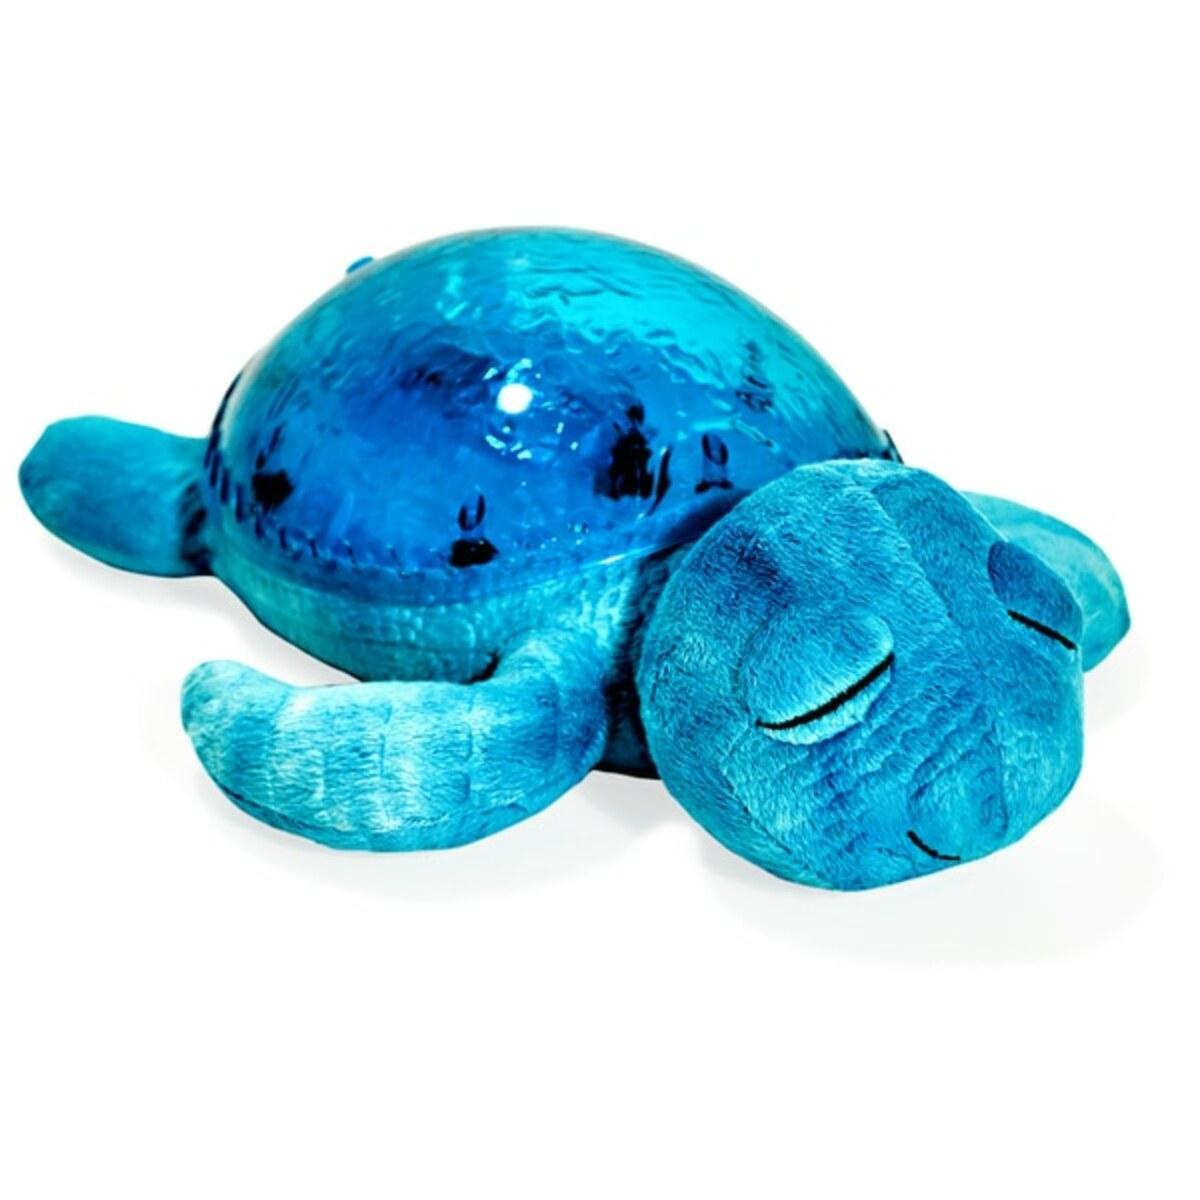 Bild 1 von Cloud B - Tranquil Turtle: Nachtlicht- und Beruhigungsfigur Schildkröte, blau